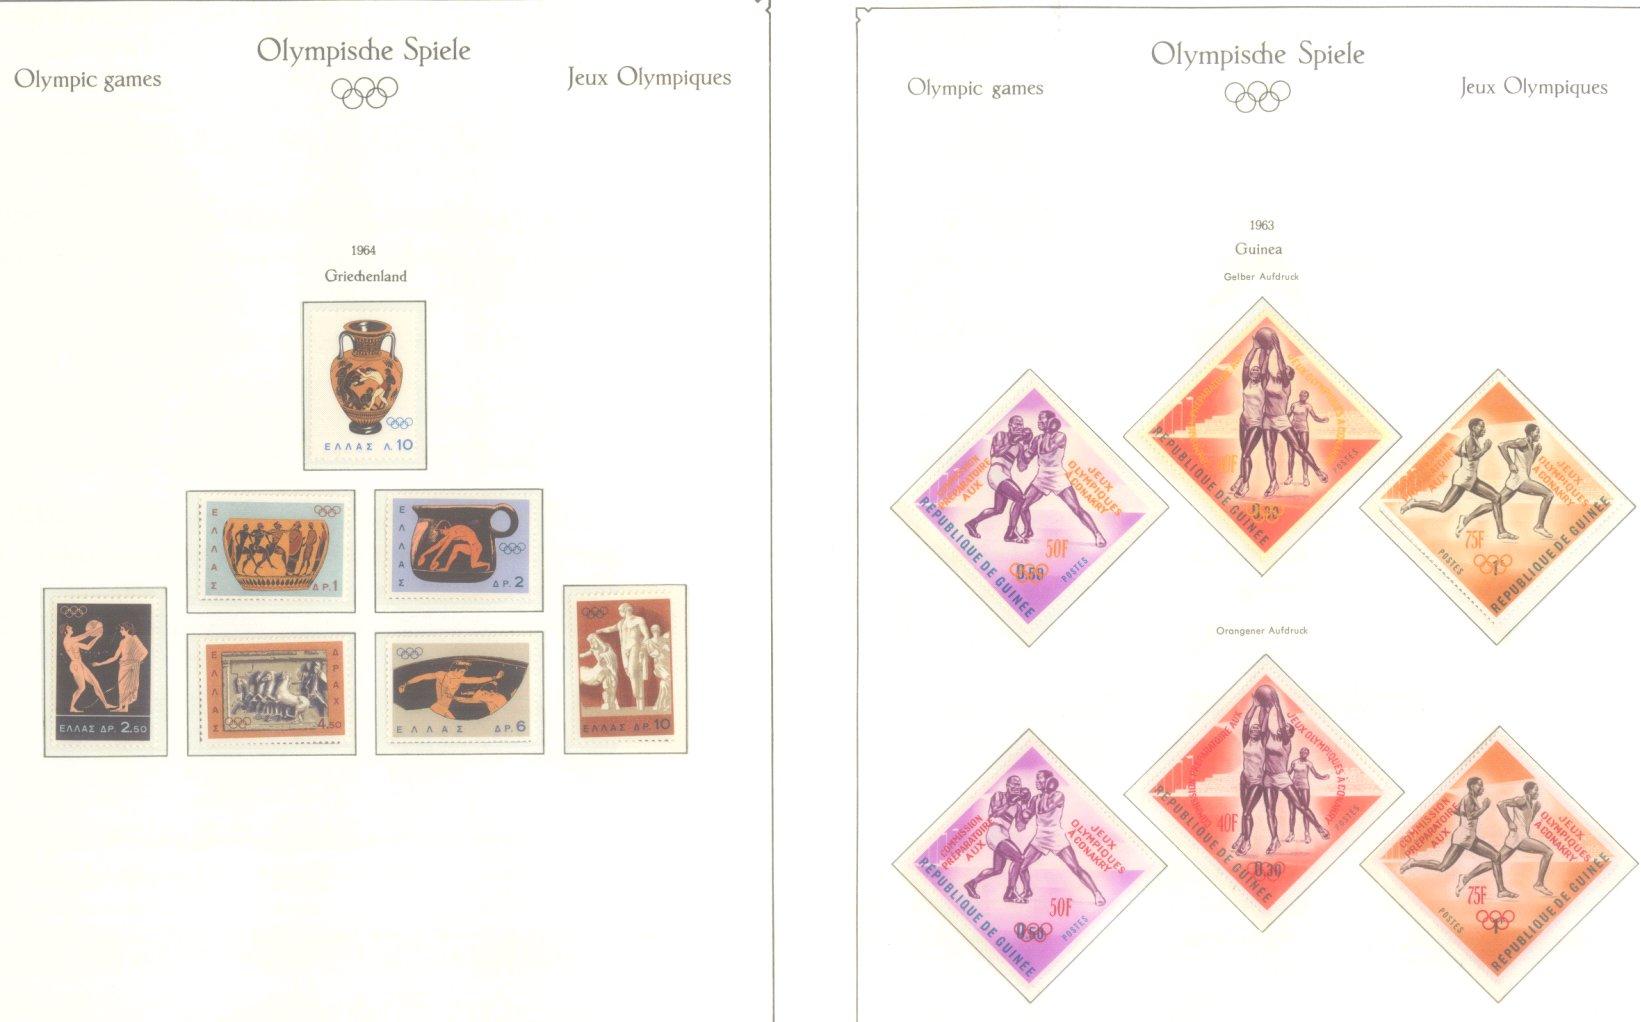 OLYMPISCHE SPIELE 1964 TOKIO, postfrische Sammlung Teil 1-16